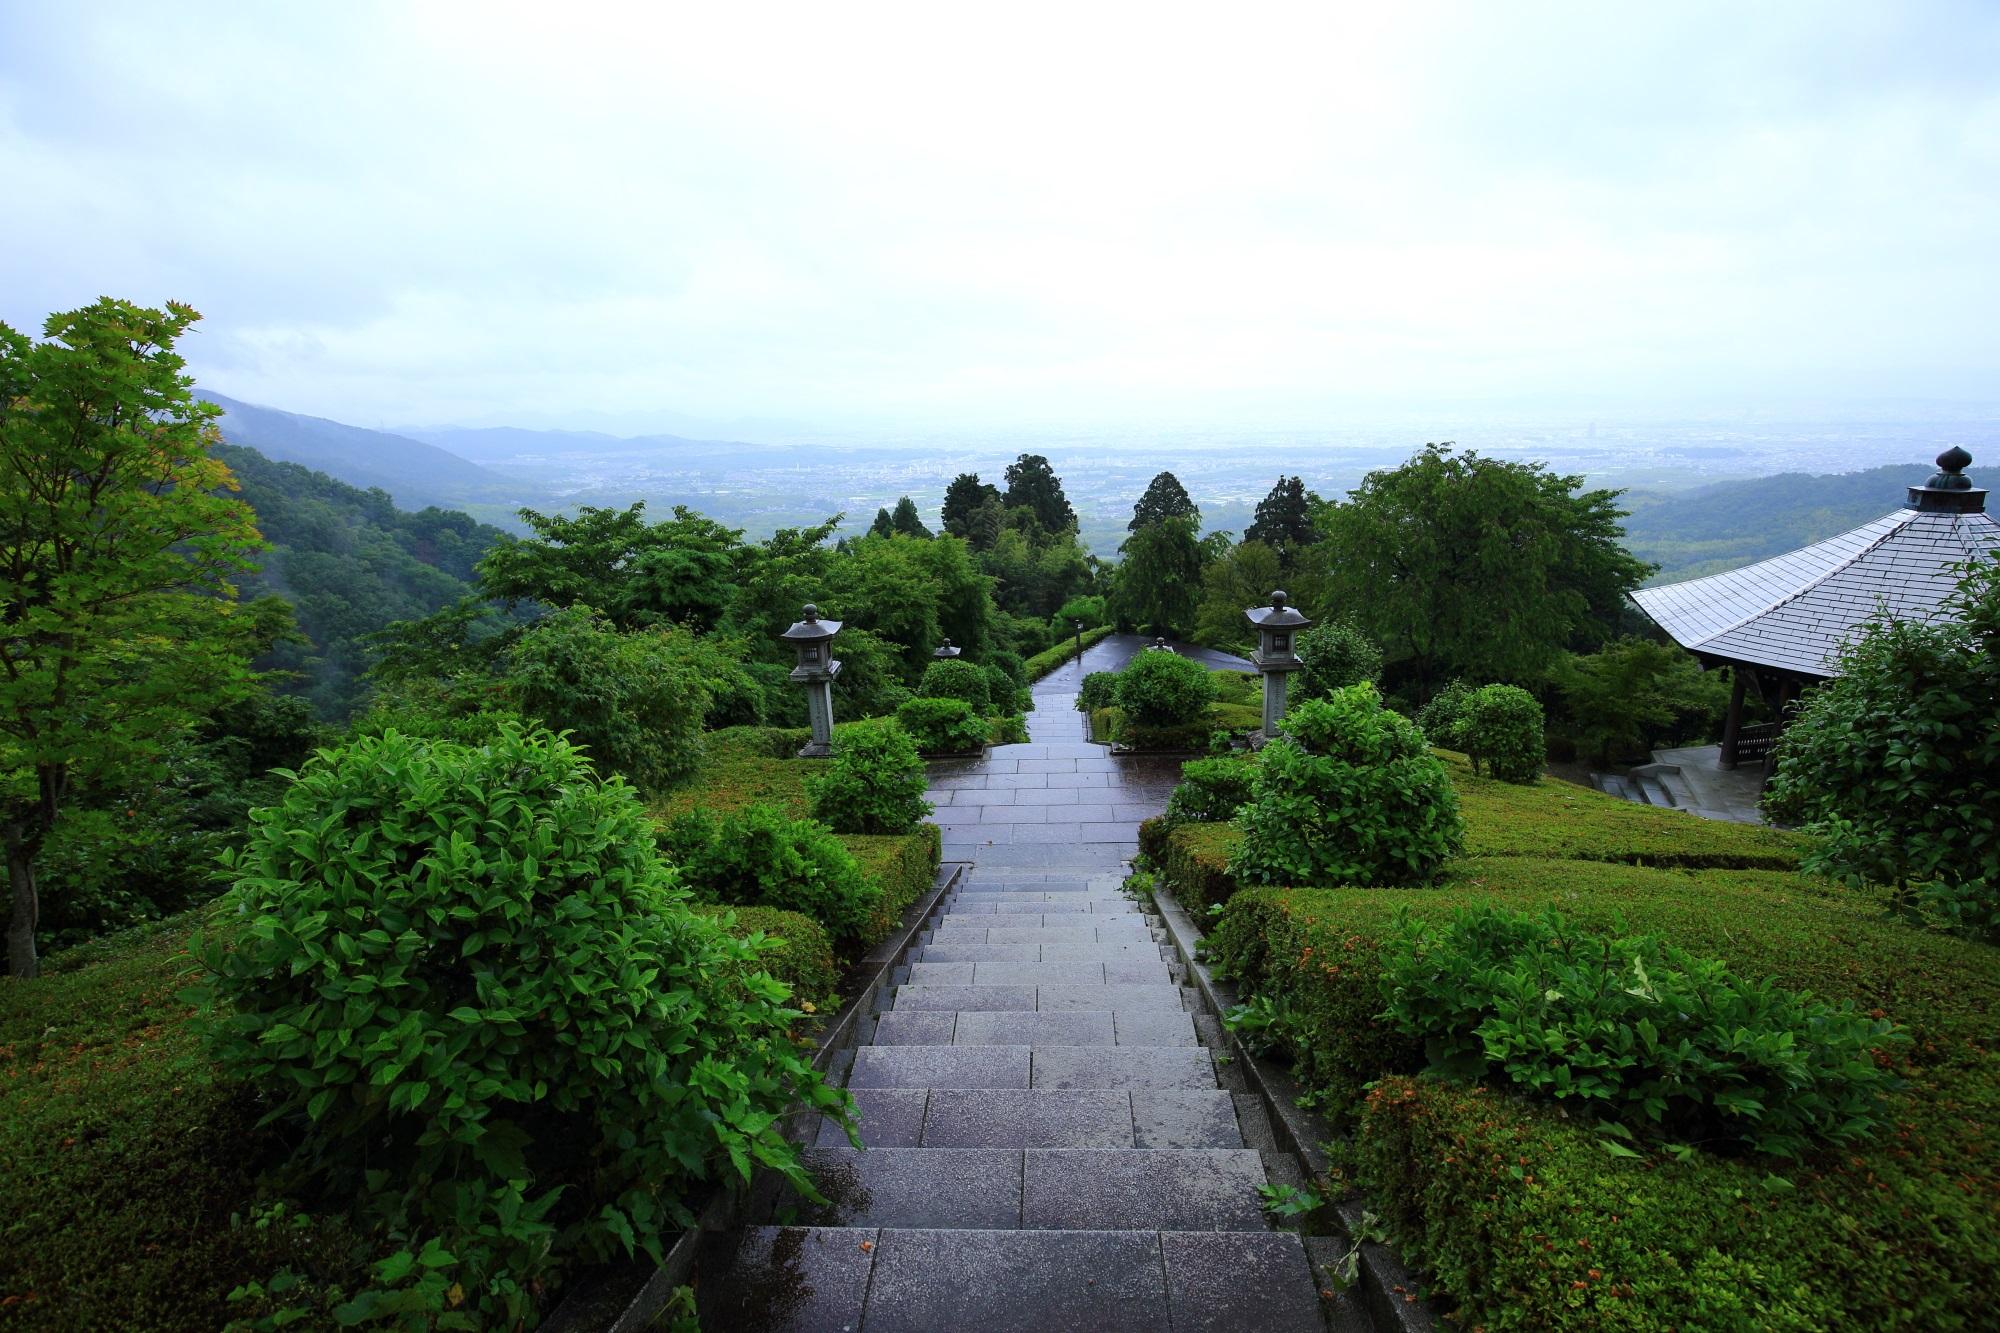 善峯寺の薬師堂から眺めた京都市街